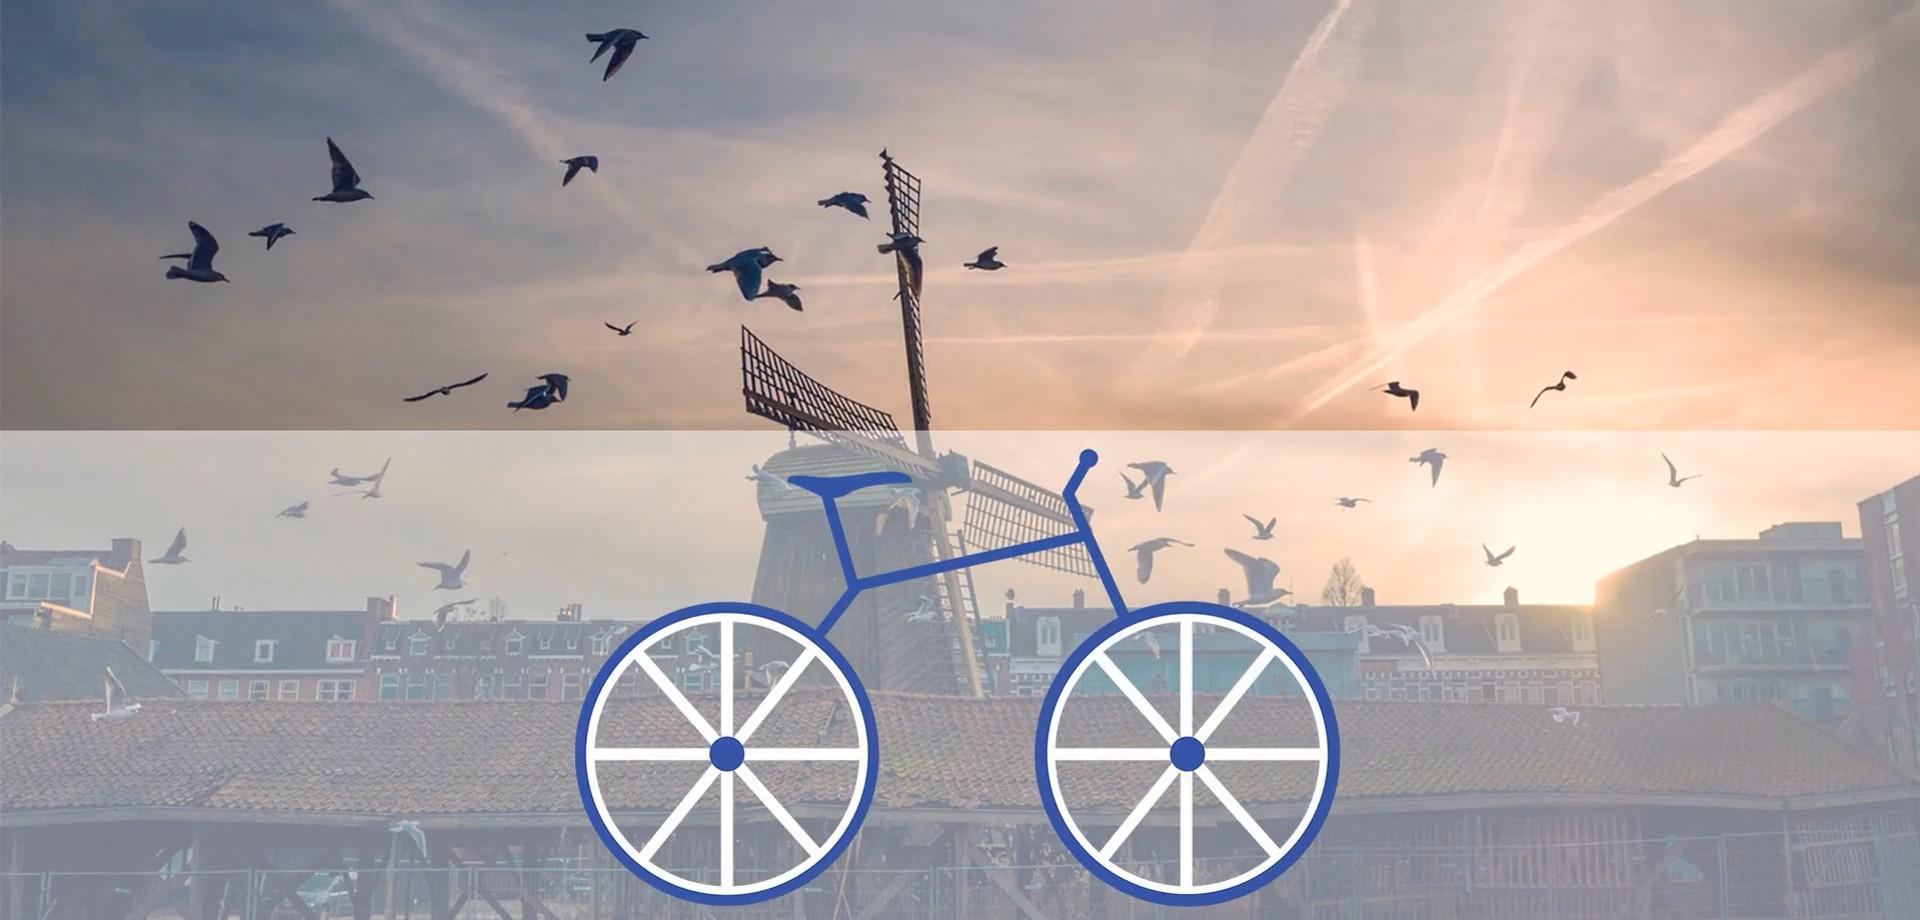 νιάρχος ποδήλατο